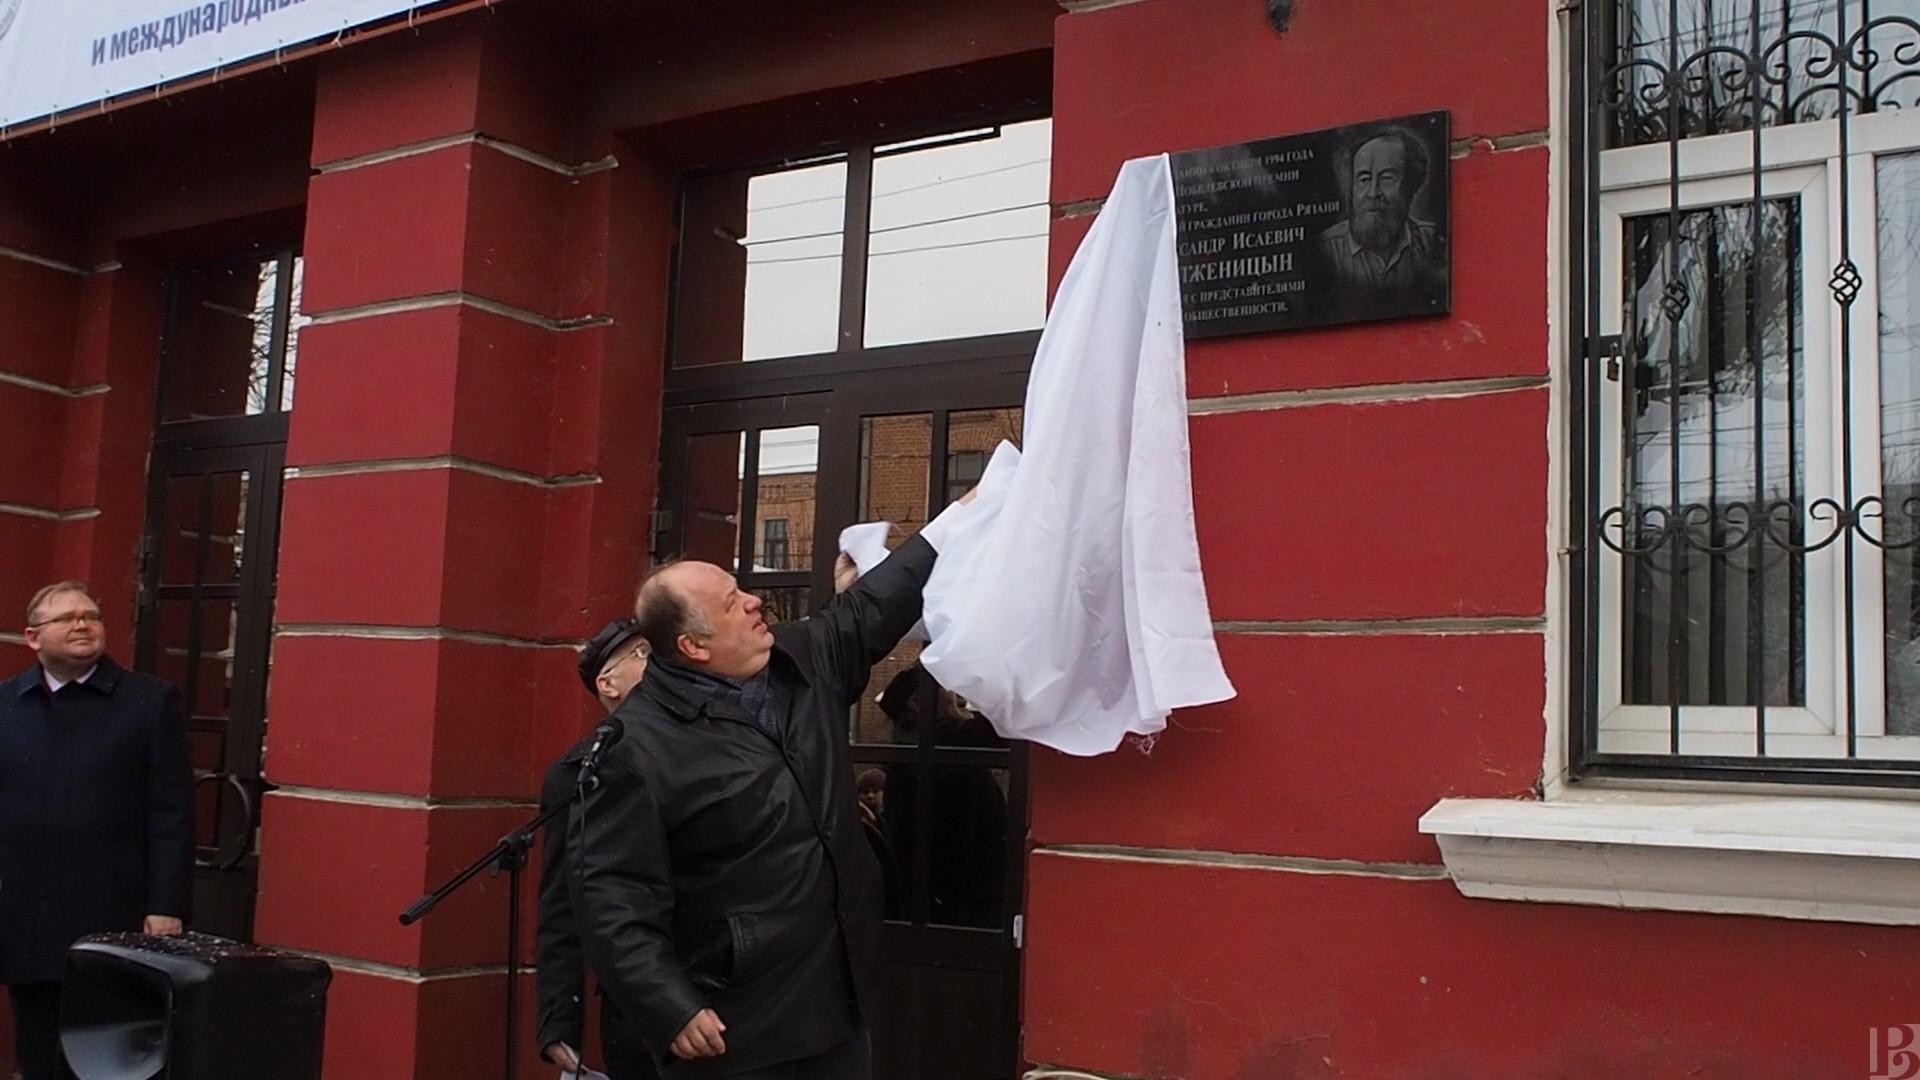 20181129_15-22-В Рязани открыли мемориальную доску Александру Солженицыну-pic1